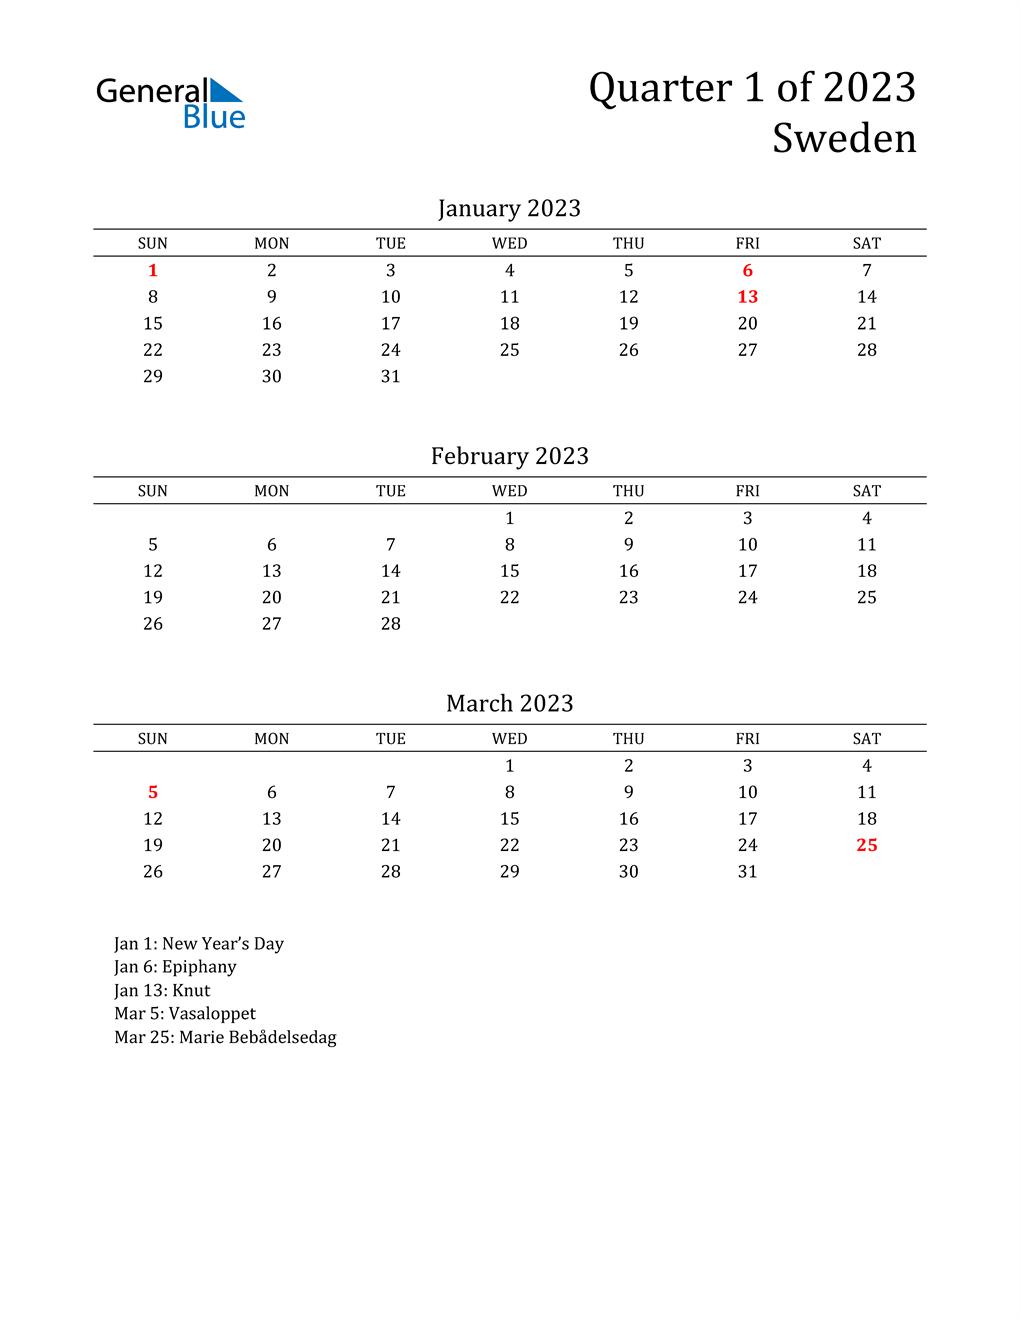 2023 Sweden Quarterly Calendar